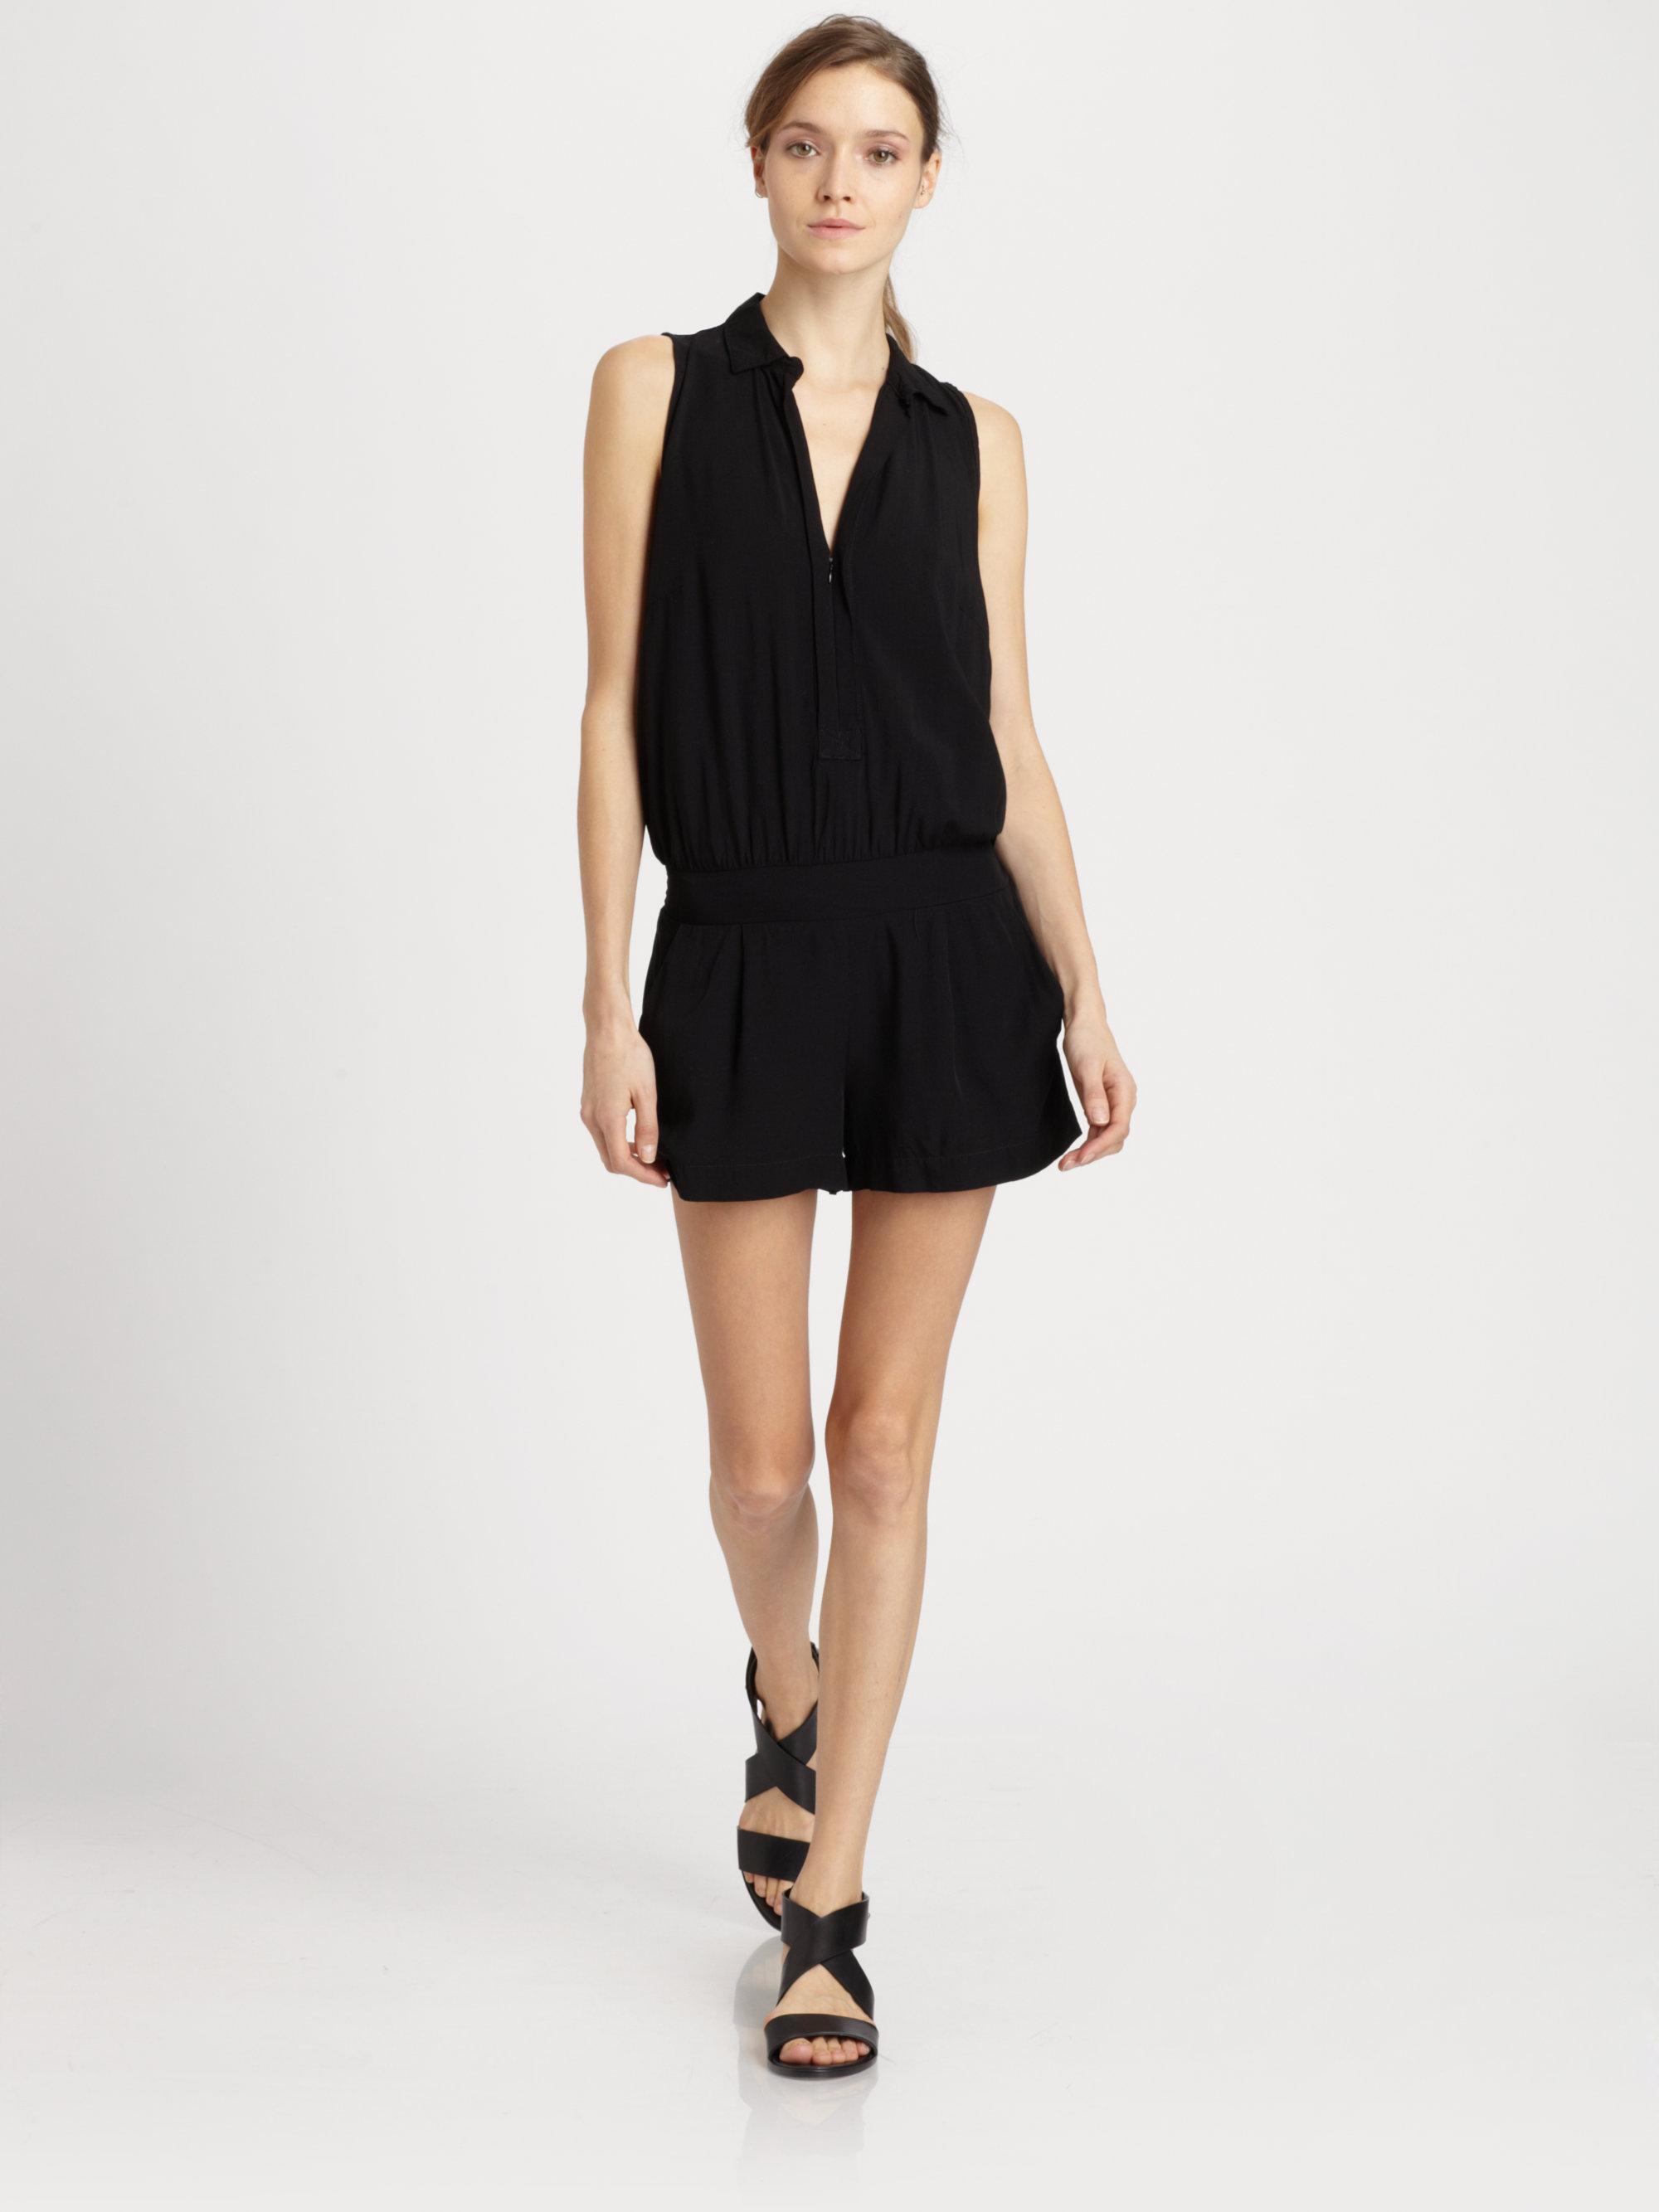 Lyst - Splendid Sleeveless Short Jumpsuit in Black